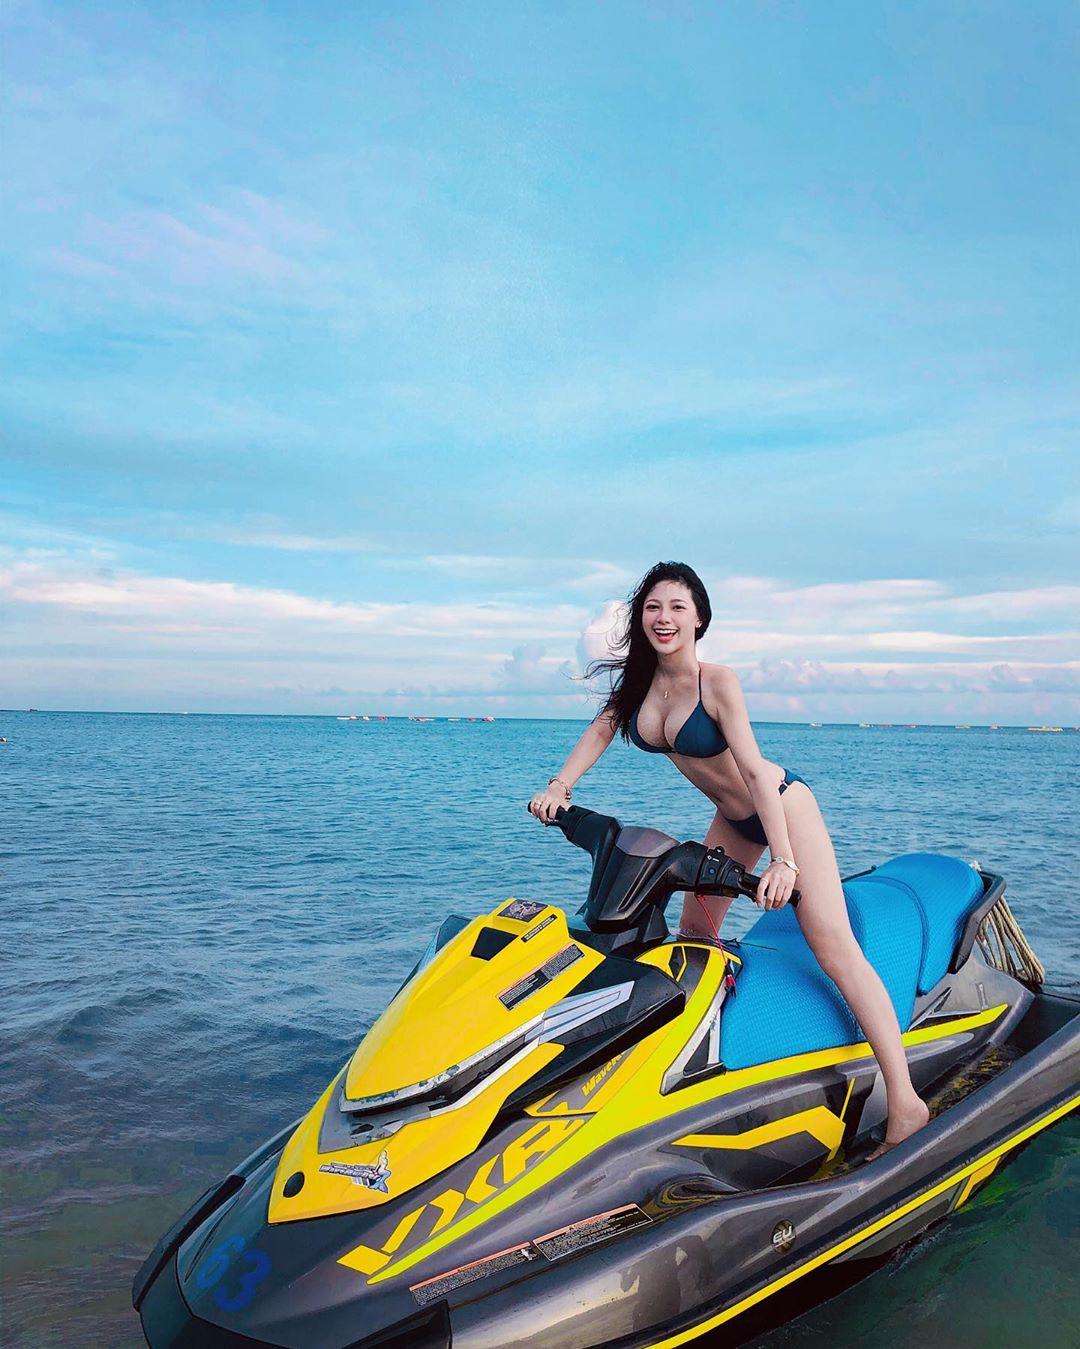 大胸老司机@Iris 霍萱骑乘高技术 逆天长腿图片 男人文娱 热图5